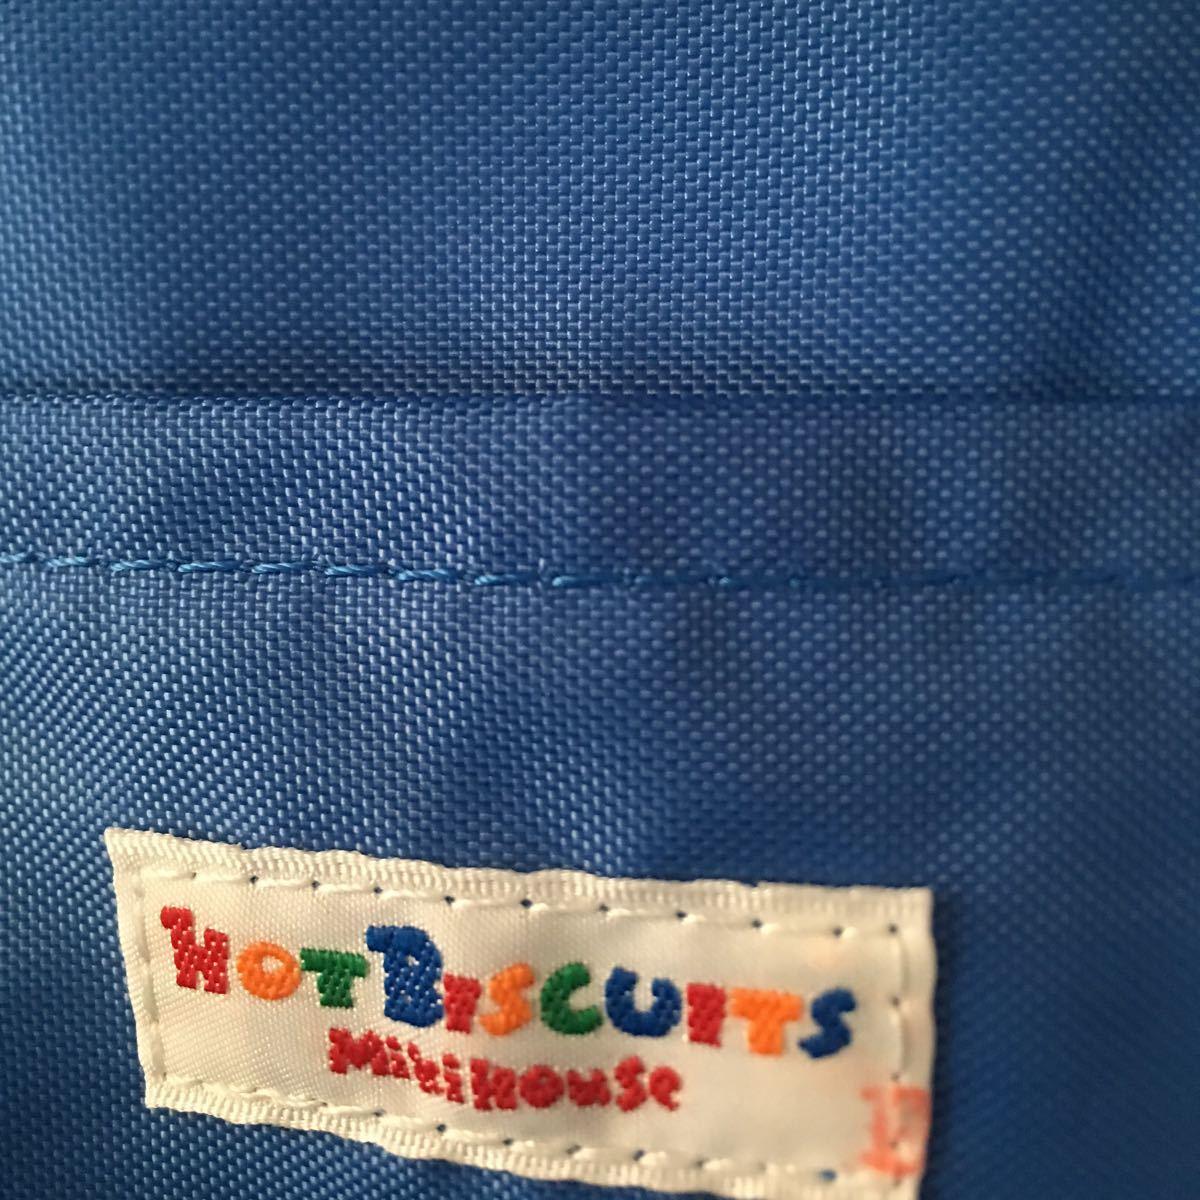 ミキハウス リュックサック 男の子 B級品 ホット ビスケッツ クマ 子供用 鞄 リュック_画像4